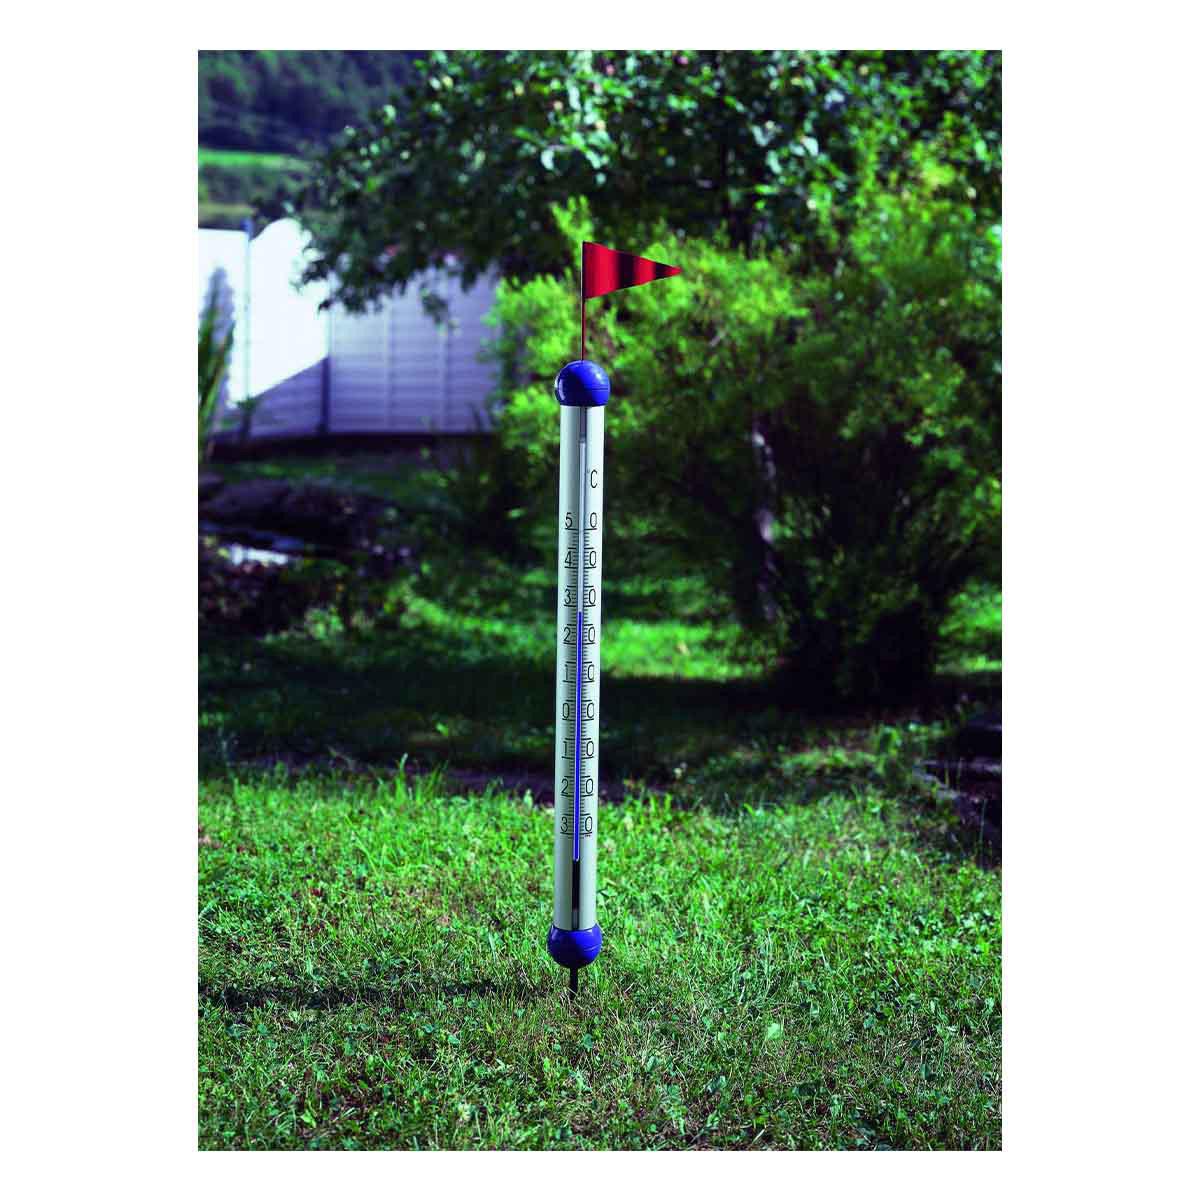 12-2038-analoges-design-gartenthermometer-gulliver-anwendung-1200x1200px.jpg